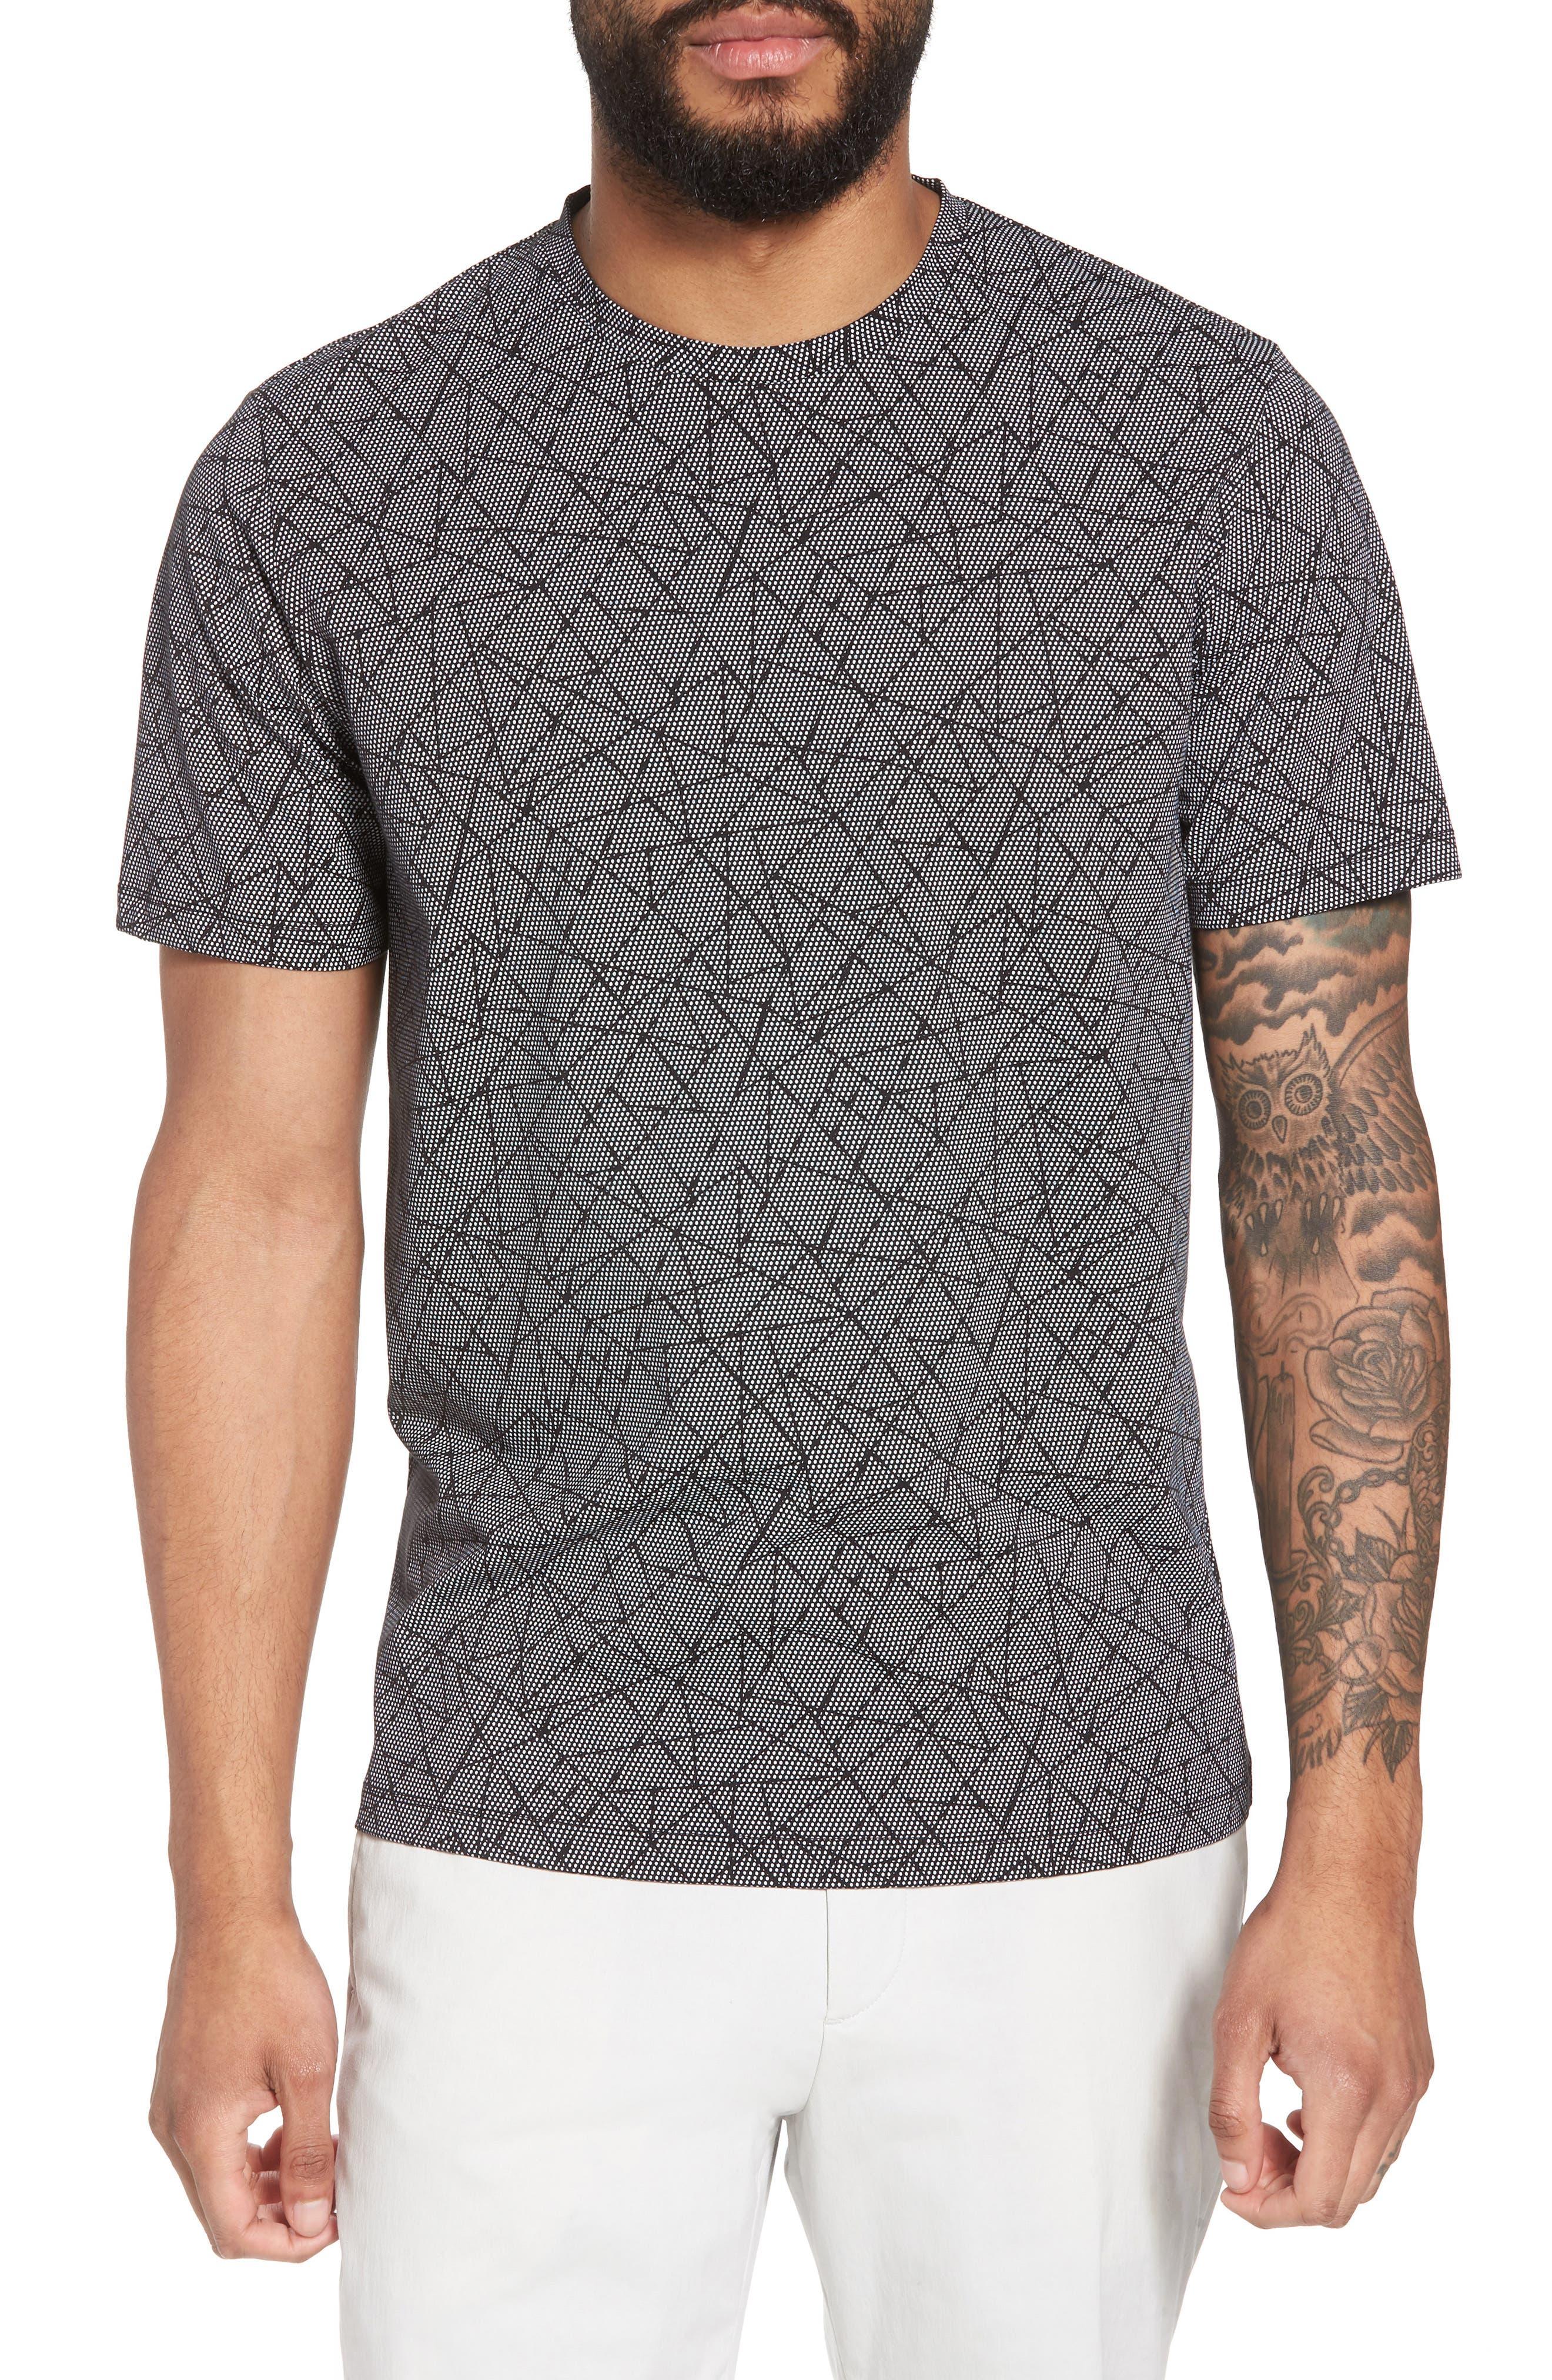 THEORY,                             Clean T-Shirt,                             Main thumbnail 1, color,                             009